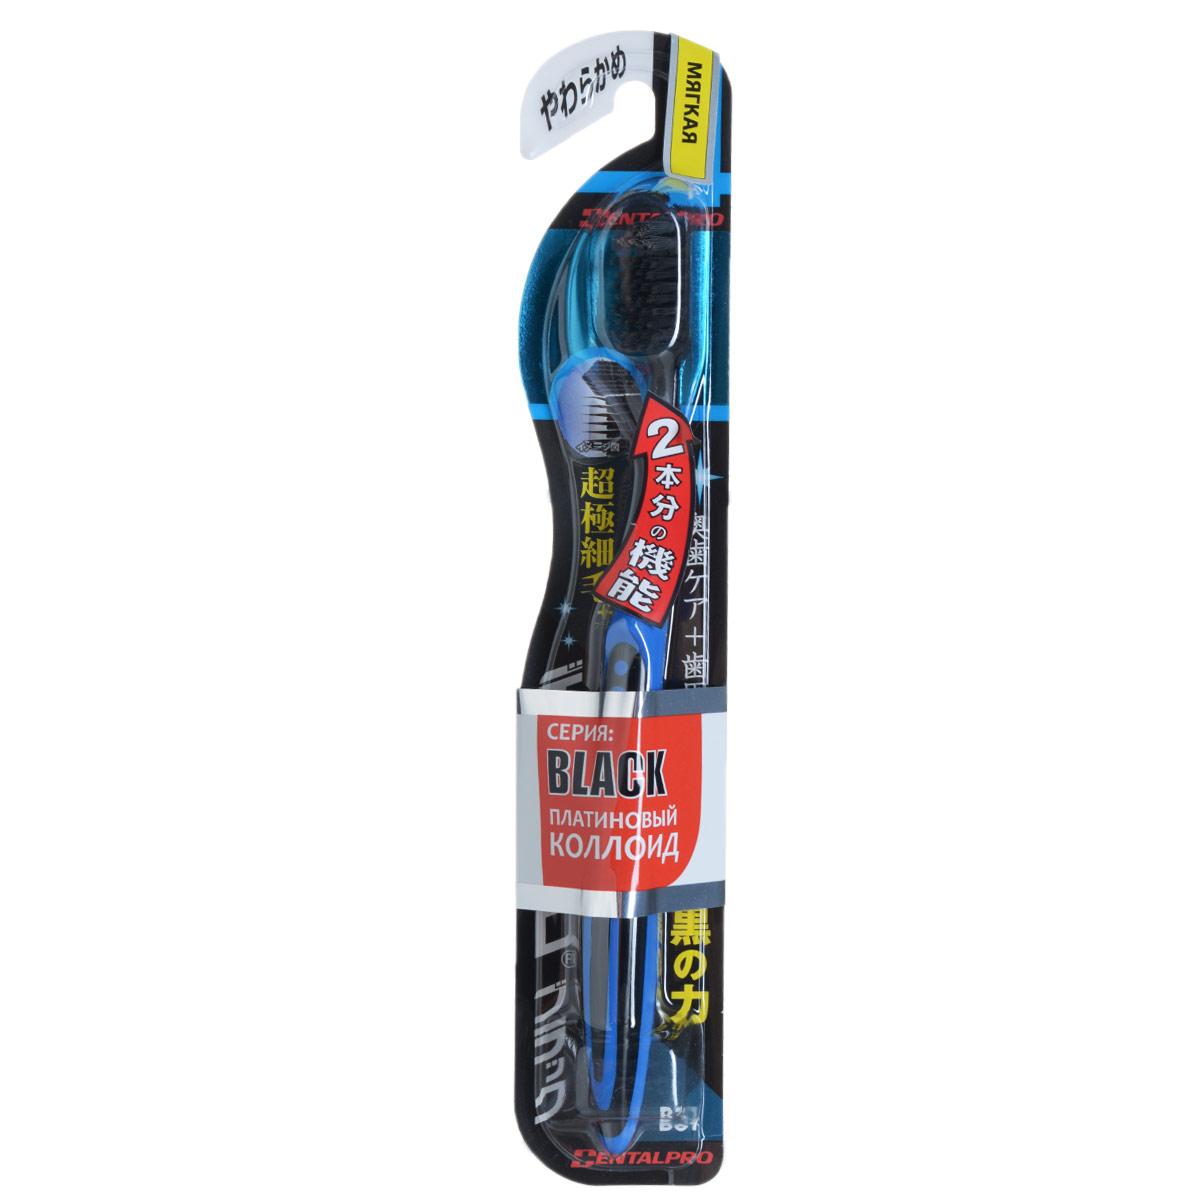 Dentalpro Зубная щетка Black Ultra Slim Plus, мягкая, цвет: синийSatin Hair 7 BR730MNDentalpro Black Ultra Slim Plus - зубная щетка с мягкой щетиной. Платиновая коллоидная керамика в составе щетинок позволяет эффективно ухаживать за полостью рта даже без использования зубной пасты. Высокая плотность щетинок в верхней части позволяет удалять загрязнения с дальних зубов и труднодоступных мест. Очистка с технологией PCC на 15% результативнее, а также очистка пародонтального кармана происходит эффективнее благодаря ультратонким щетинкам.Товар сертифицирован.Состав: полипропилен, EPMD.